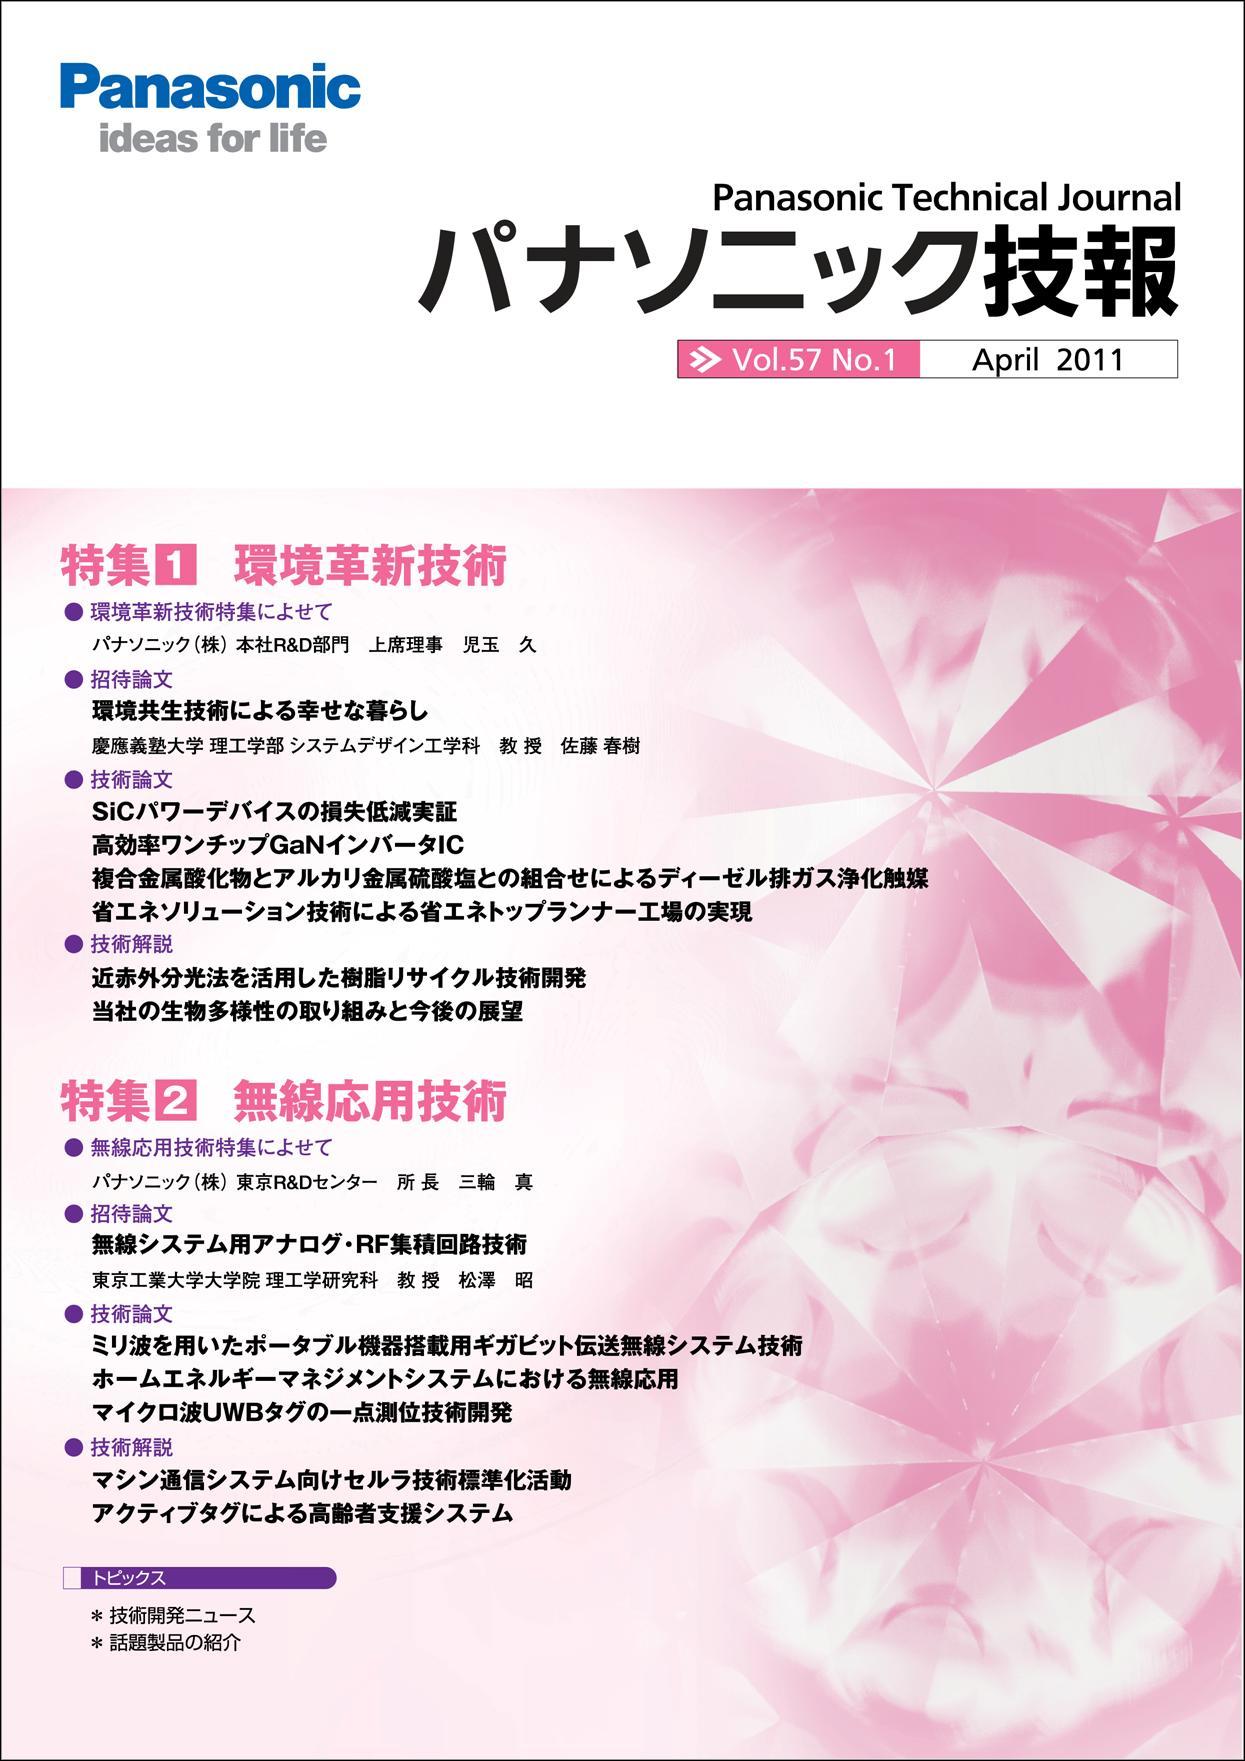 パナソニック技報:【4月号】APRIL 2011 Vol.57 No.1